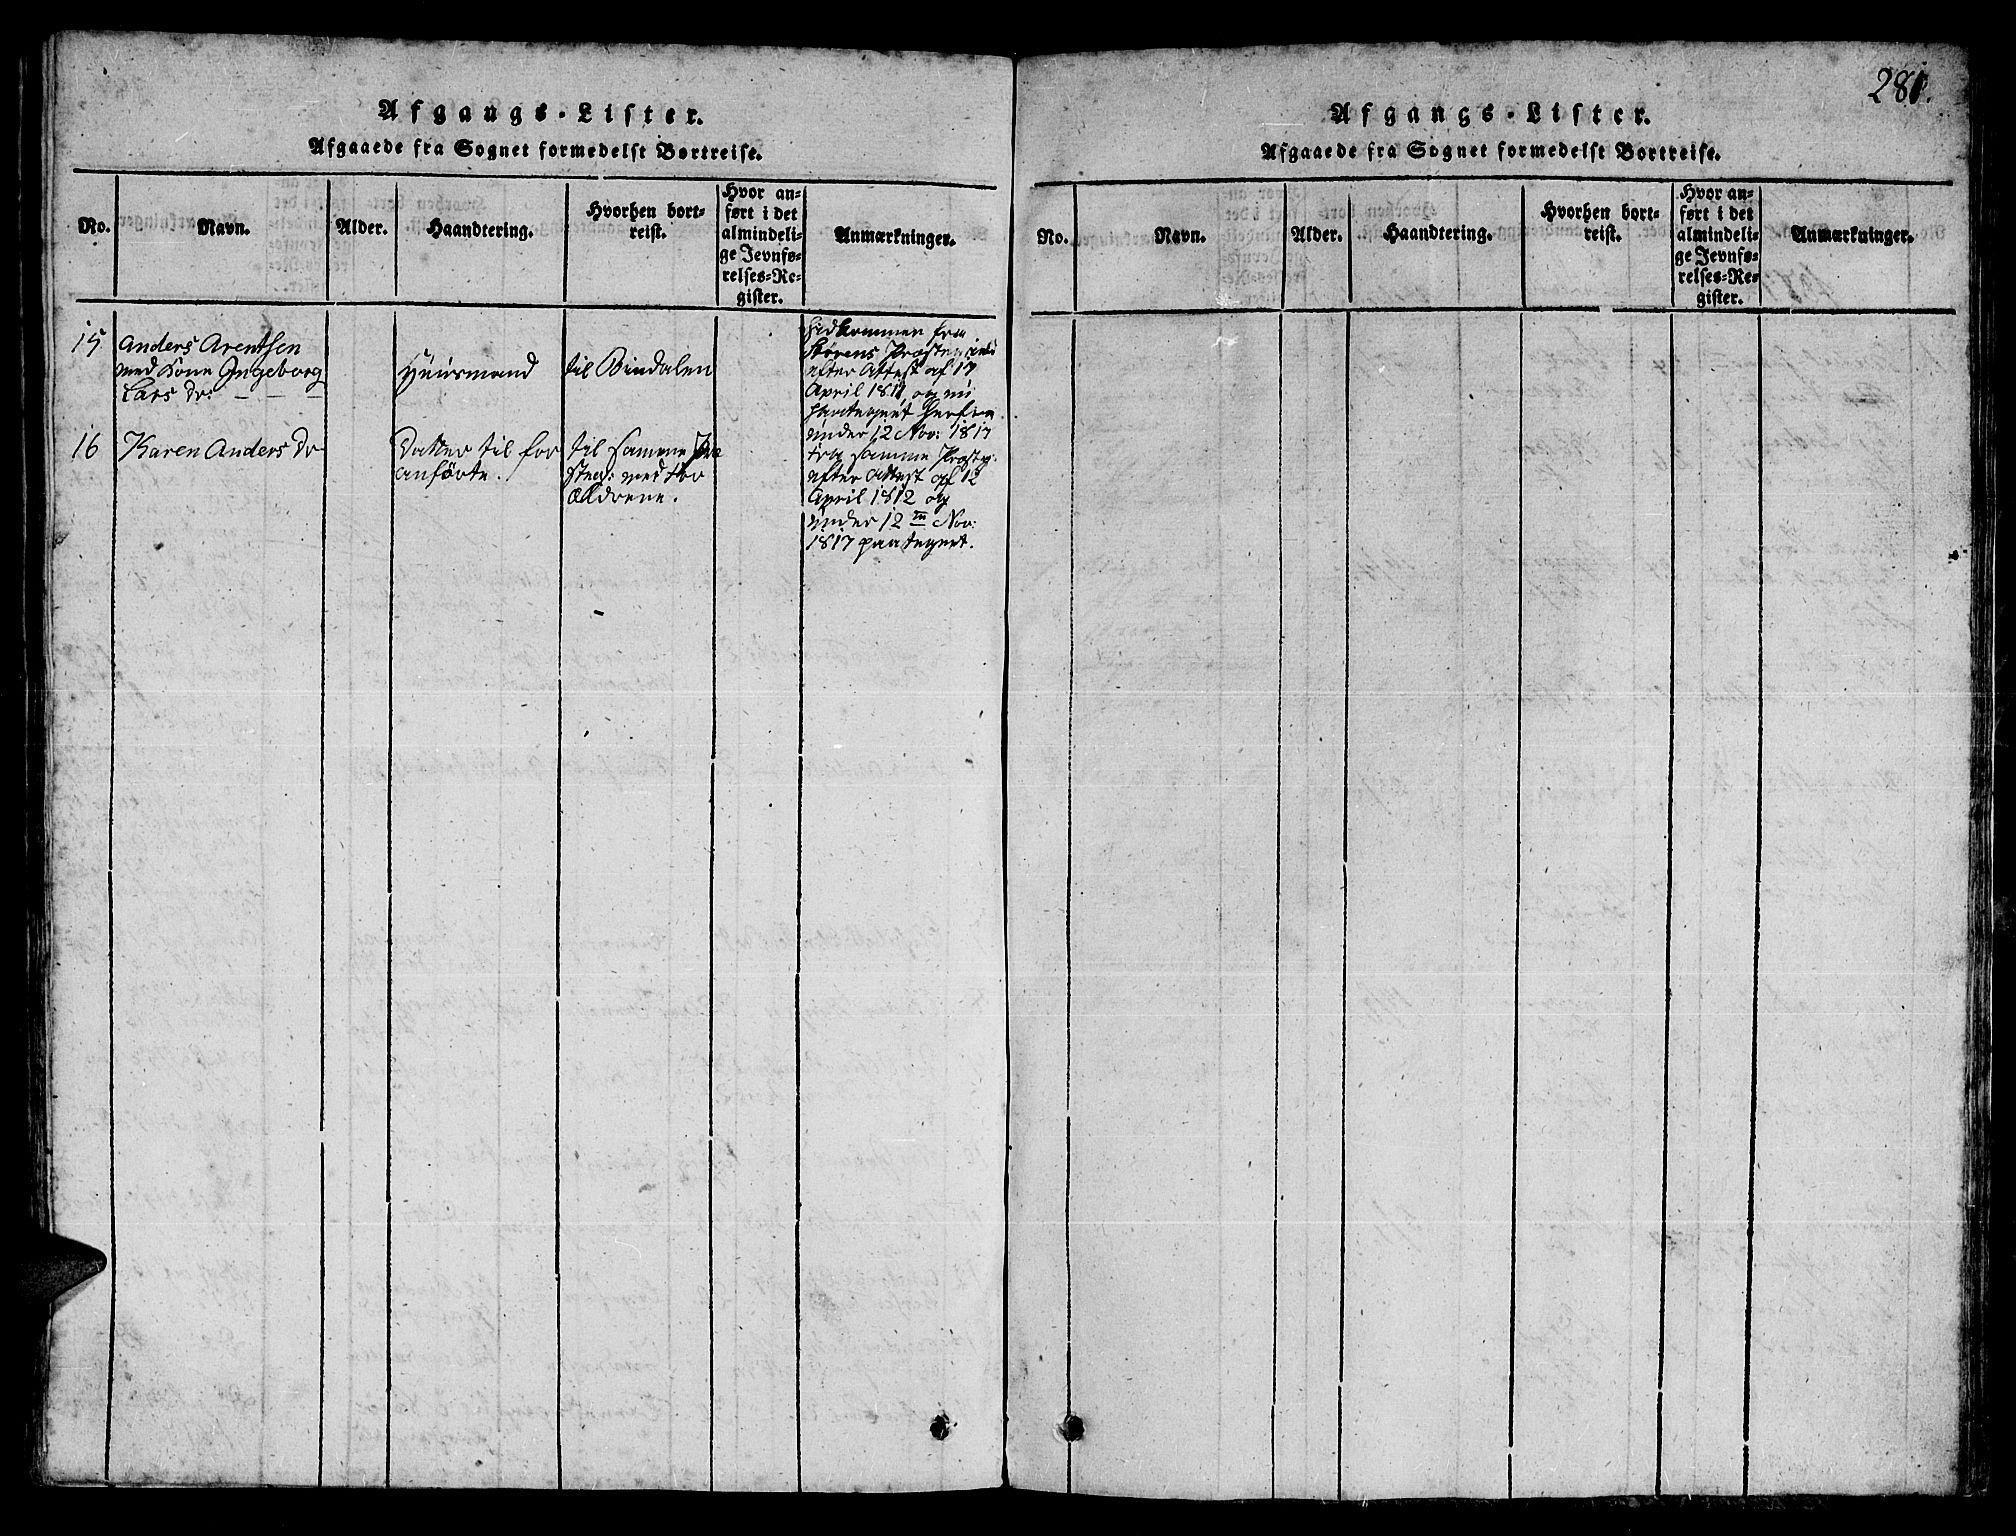 SAT, Ministerialprotokoller, klokkerbøker og fødselsregistre - Nord-Trøndelag, 780/L0648: Klokkerbok nr. 780C01 /1, 1815-1870, s. 281